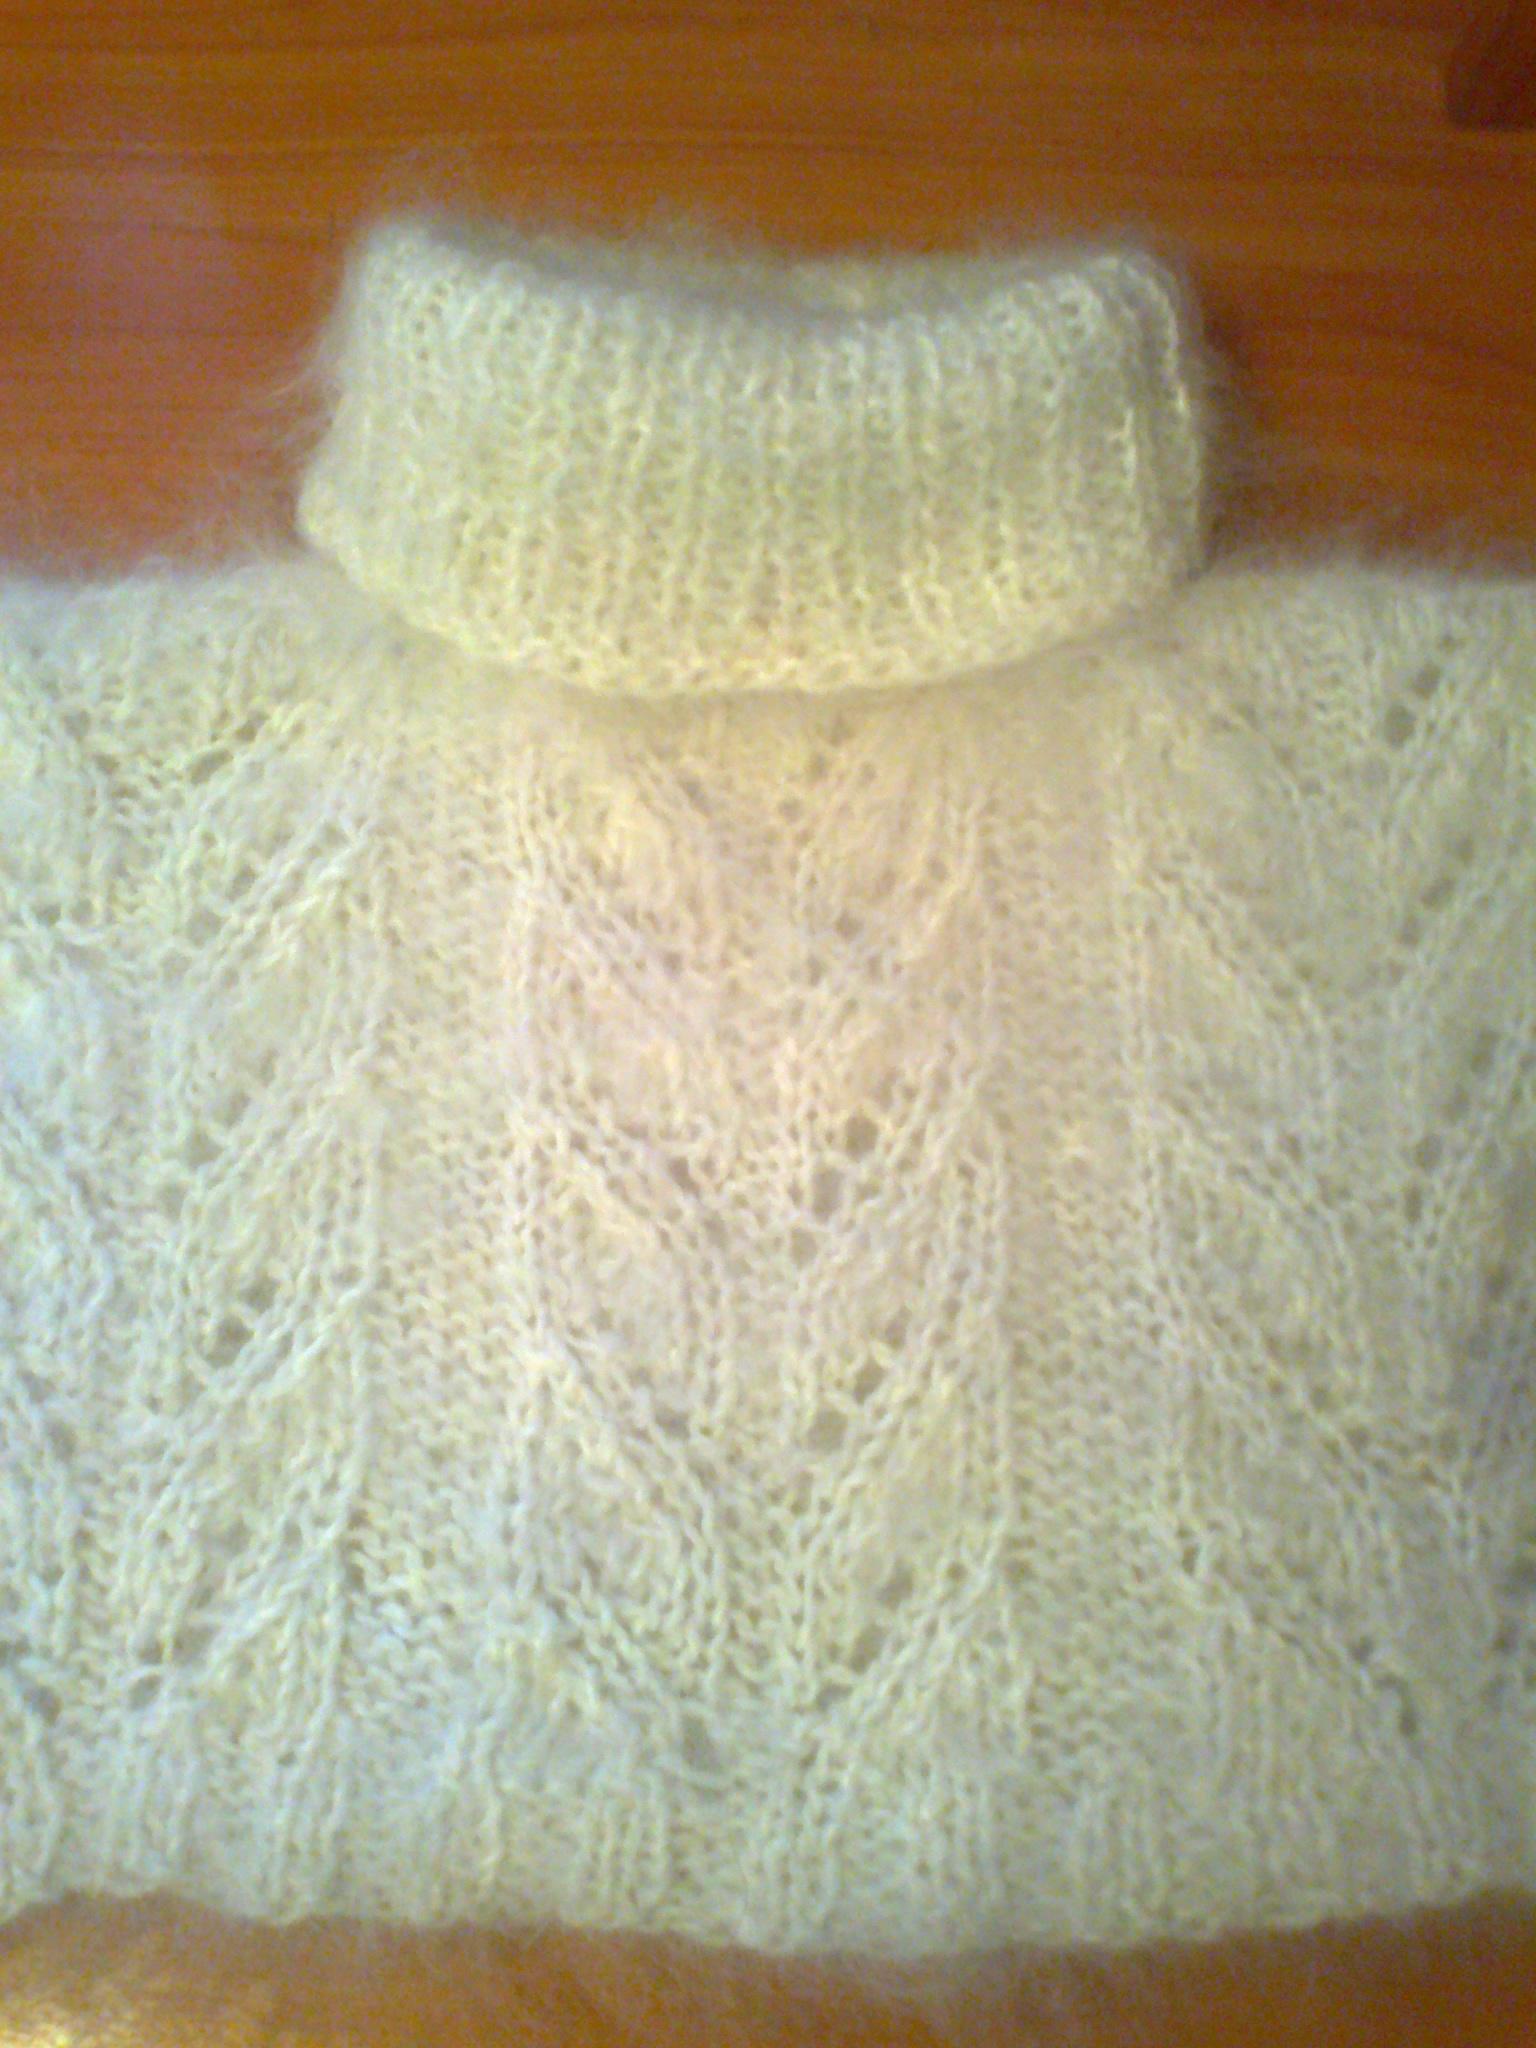 Манишка пуховая из козьего пуха.Натуральная ,зимняя,теплая.Закрывает грудь и шею и спину.Ручная работа.Разнообразные рисунки.Цвета на выбор белая,серая.Размеры взрослые и детские.